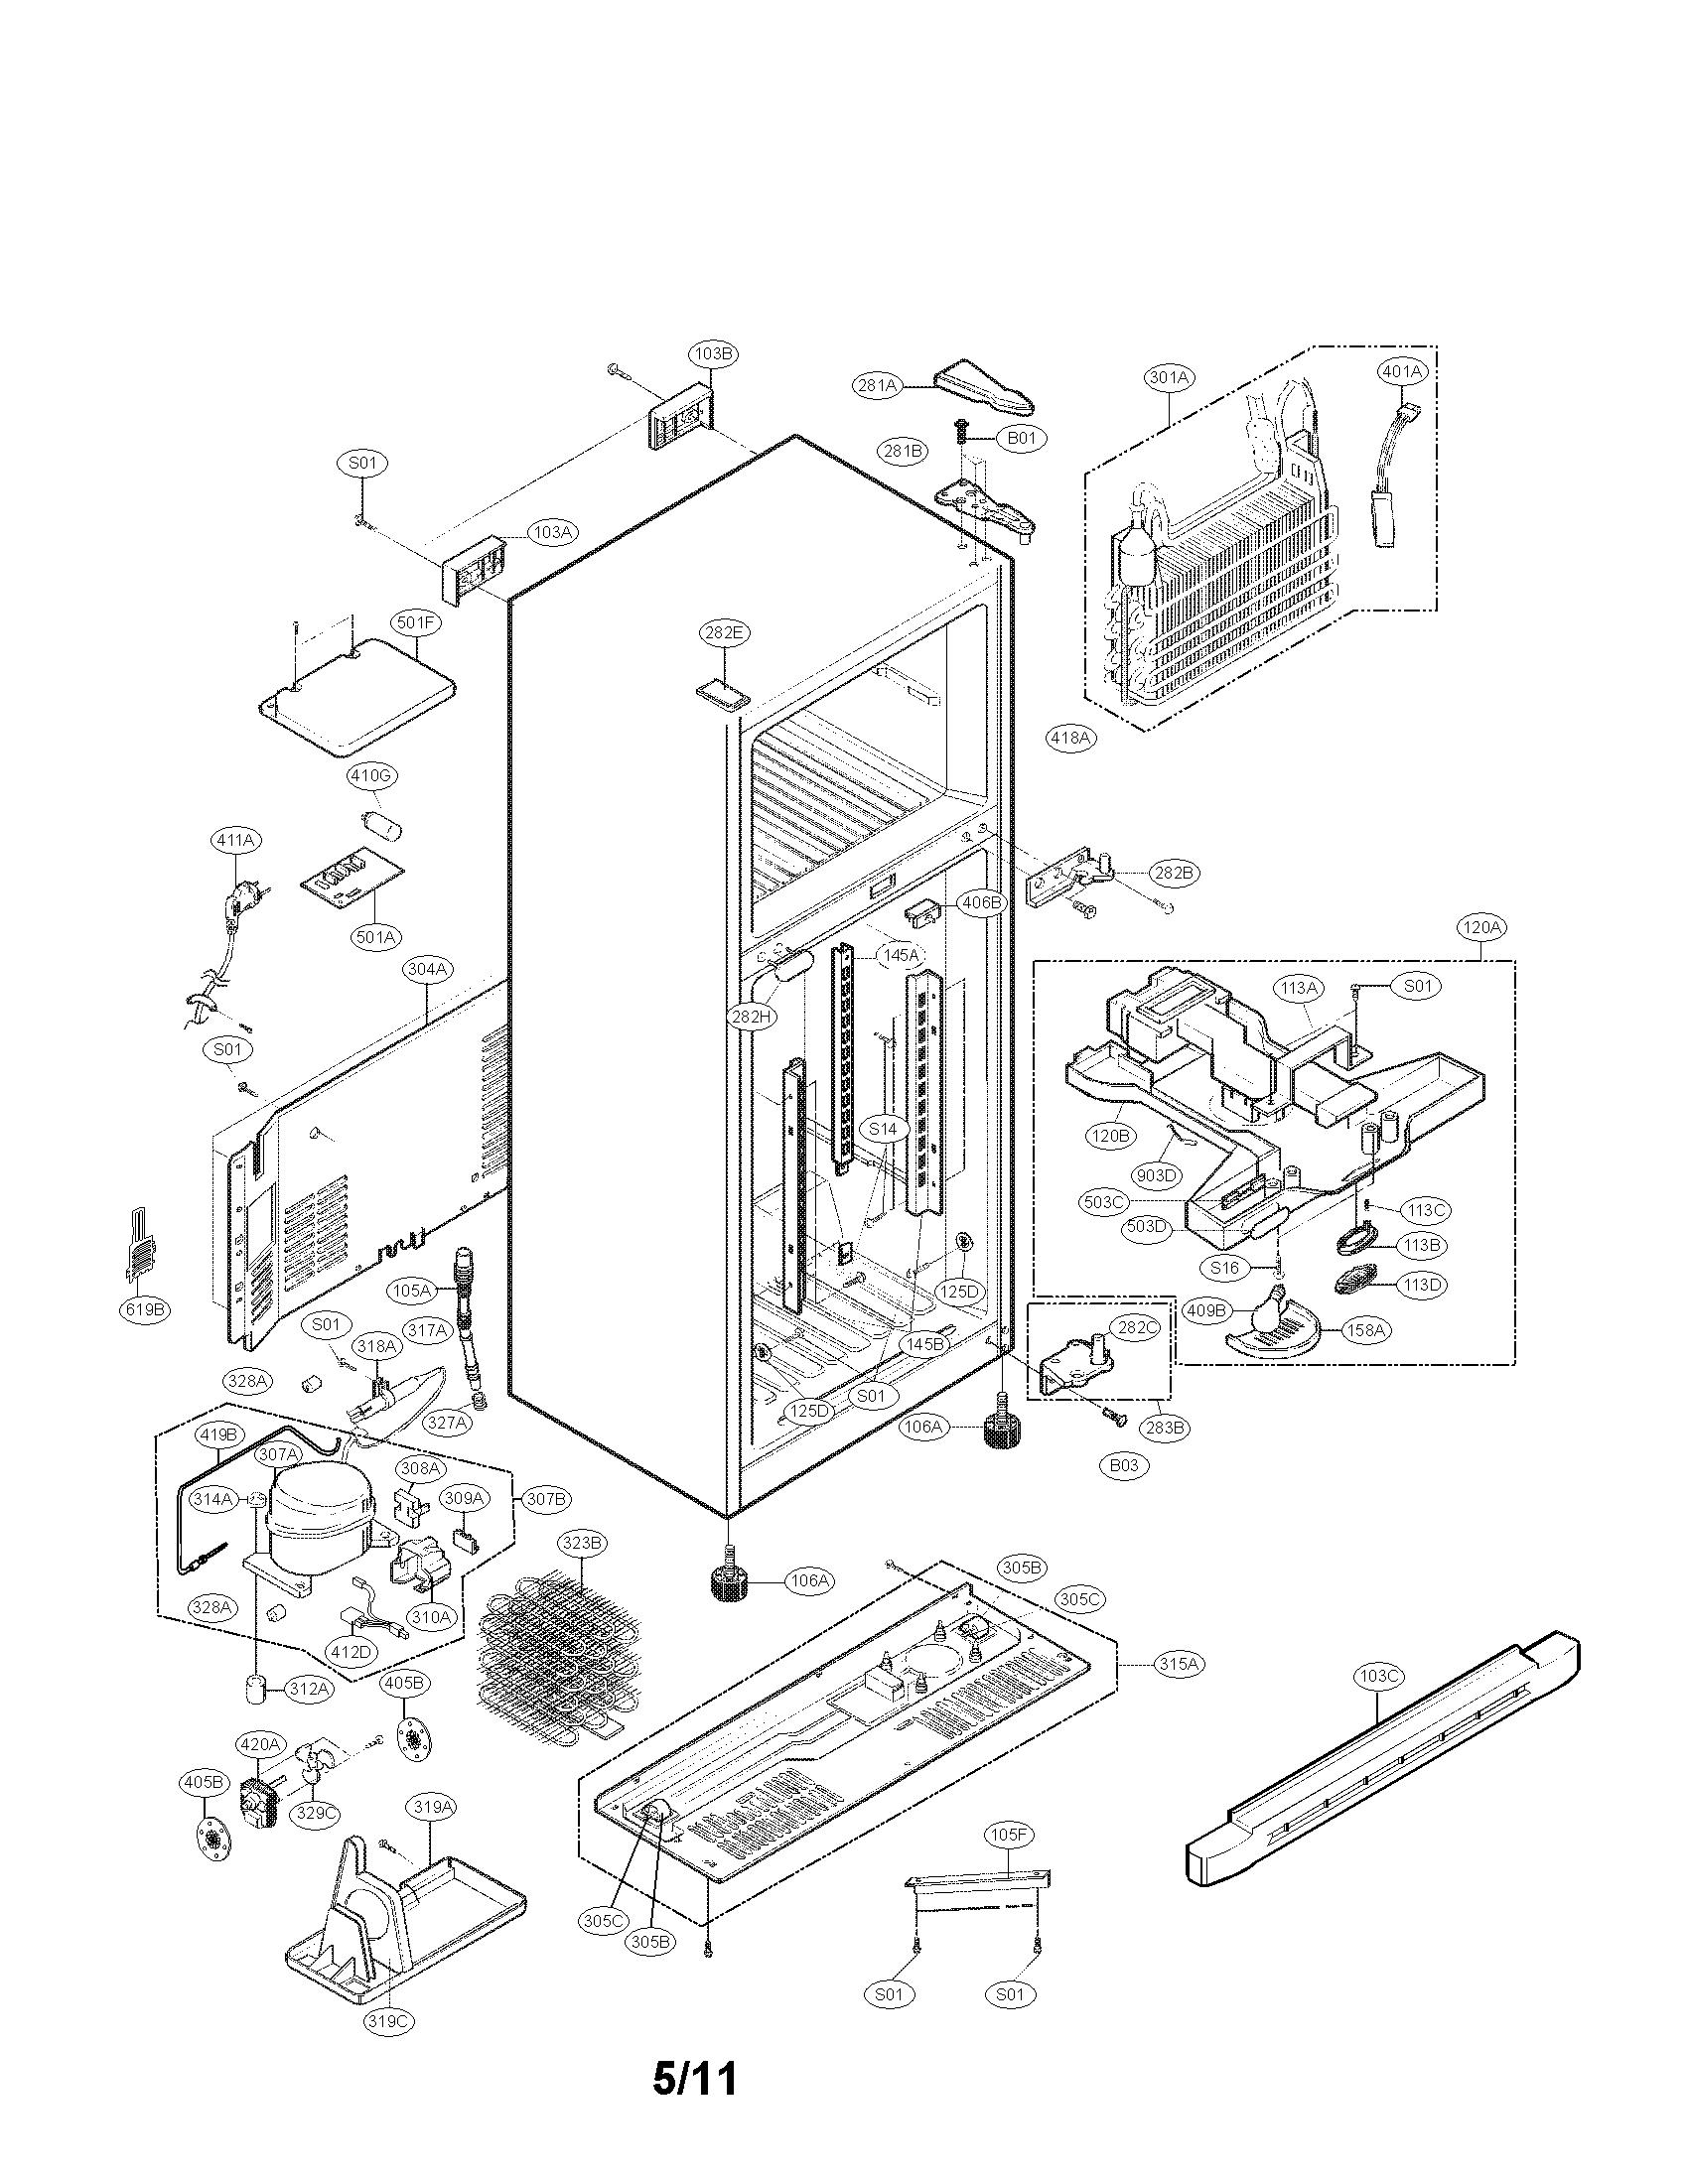 Case Parts Diagram  U0026 Parts List For Model 79579293902